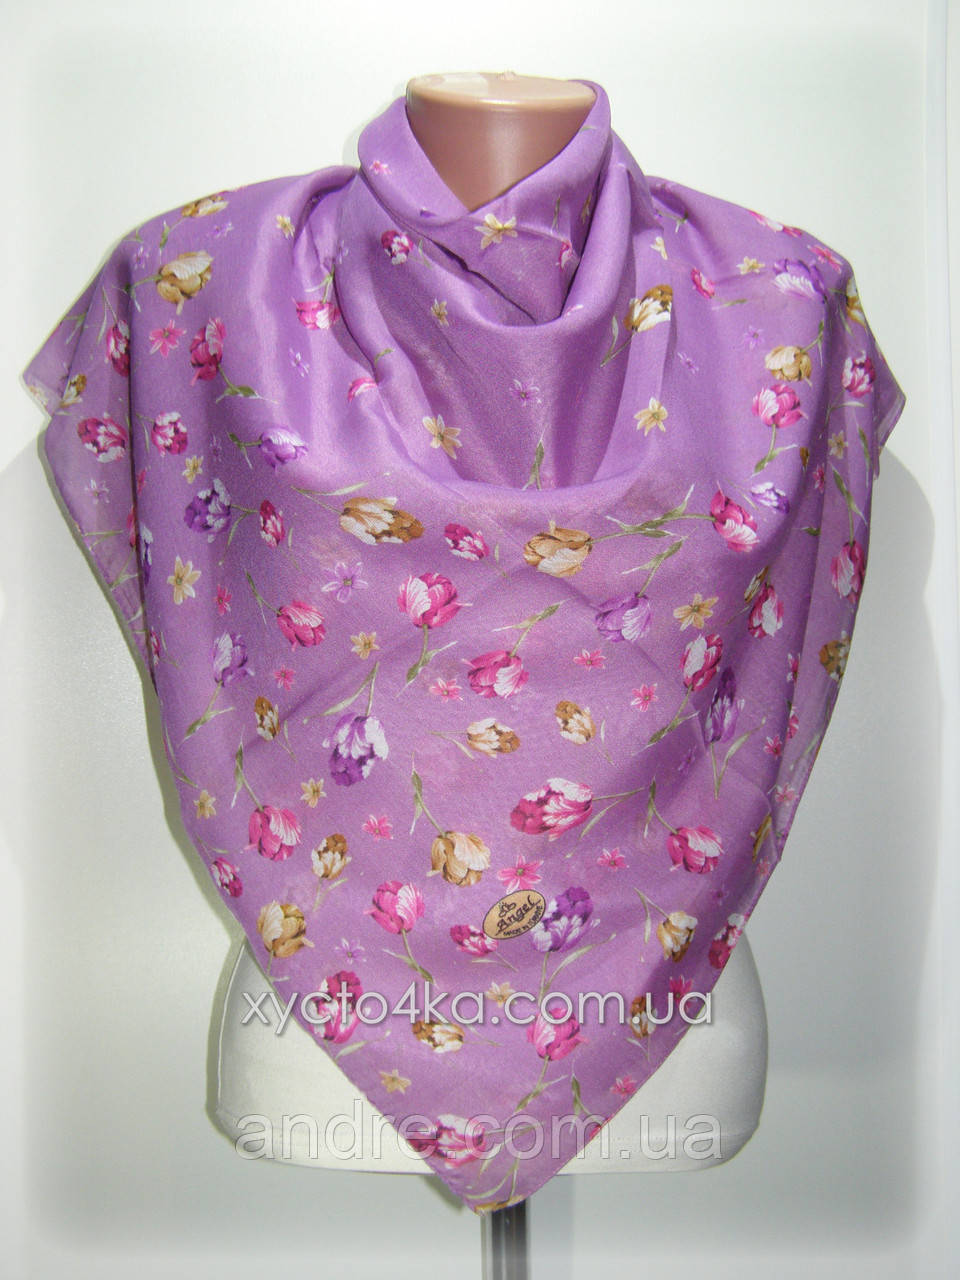 Платки на натуральной основе Эдельвейс, фиолетовый